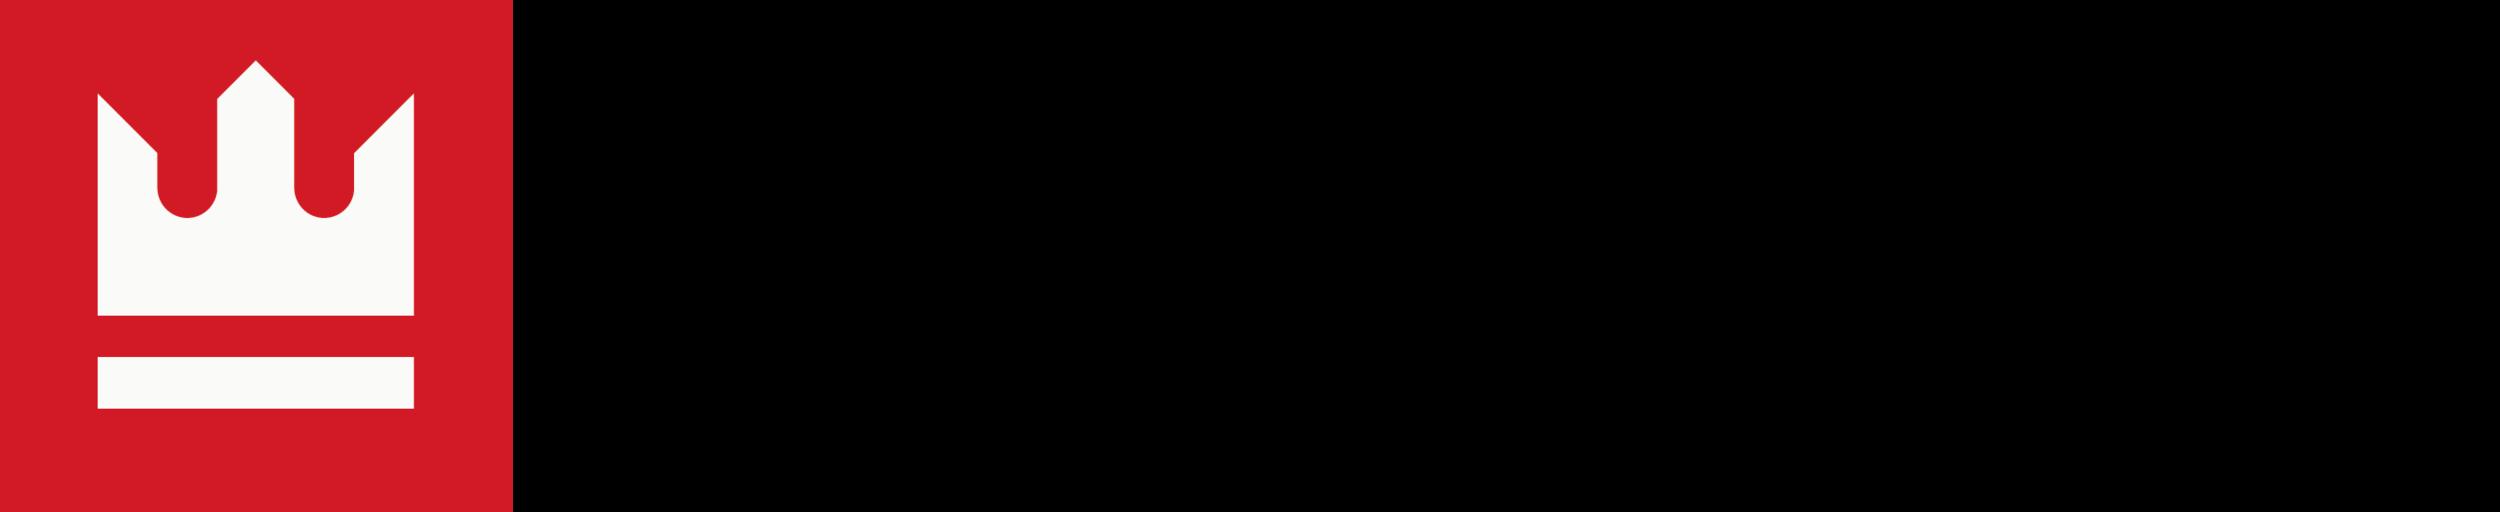 Sparkron Logo.png